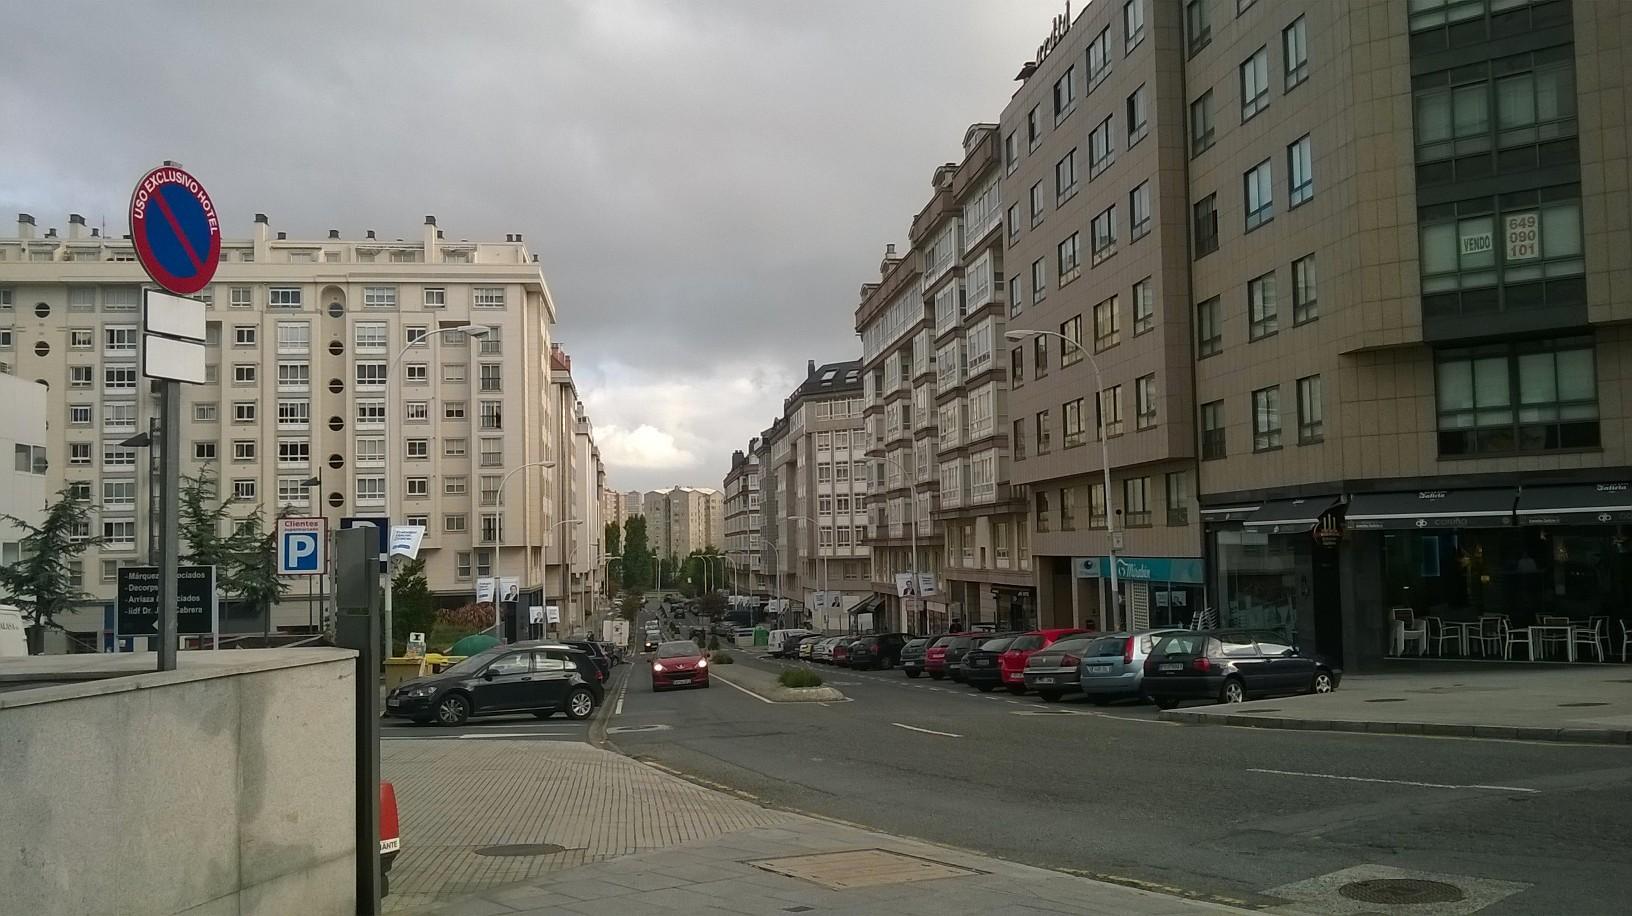 coruna-attica-21-hotel-left-out Enrique Marinas st-my15